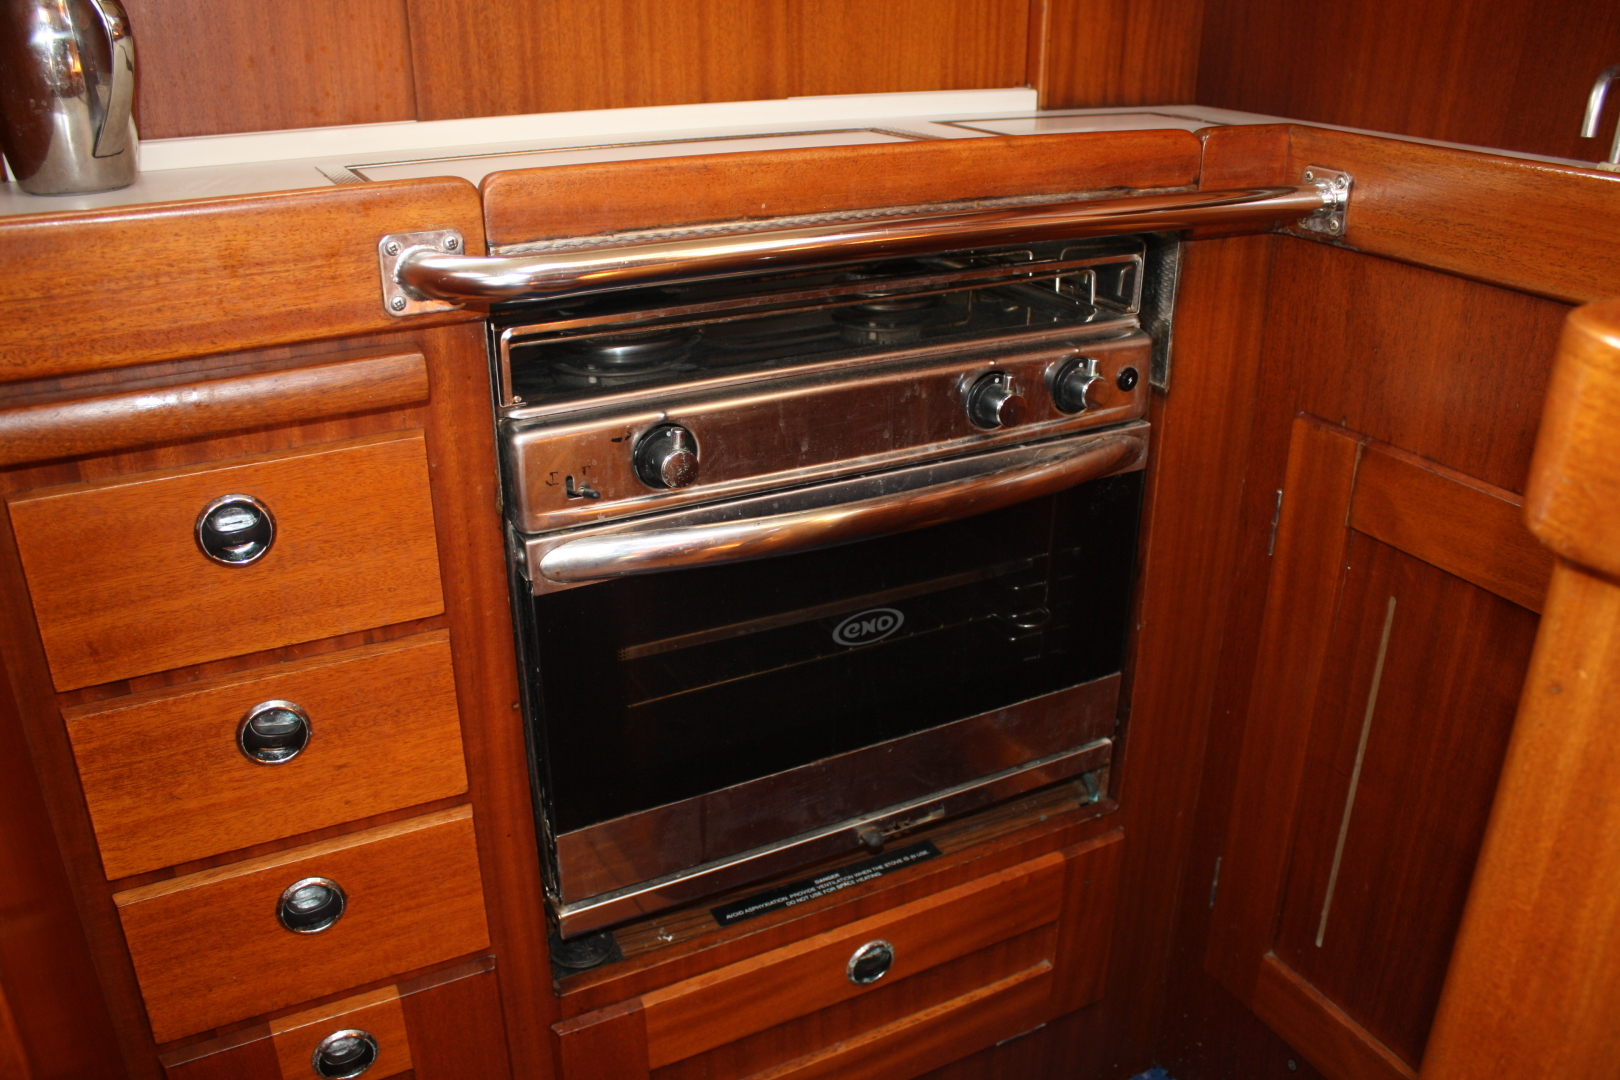 Hallberg-Rassy-36 MKII 2002-Vivace 1 Stuart-Florida-United States-1312689   Thumbnail